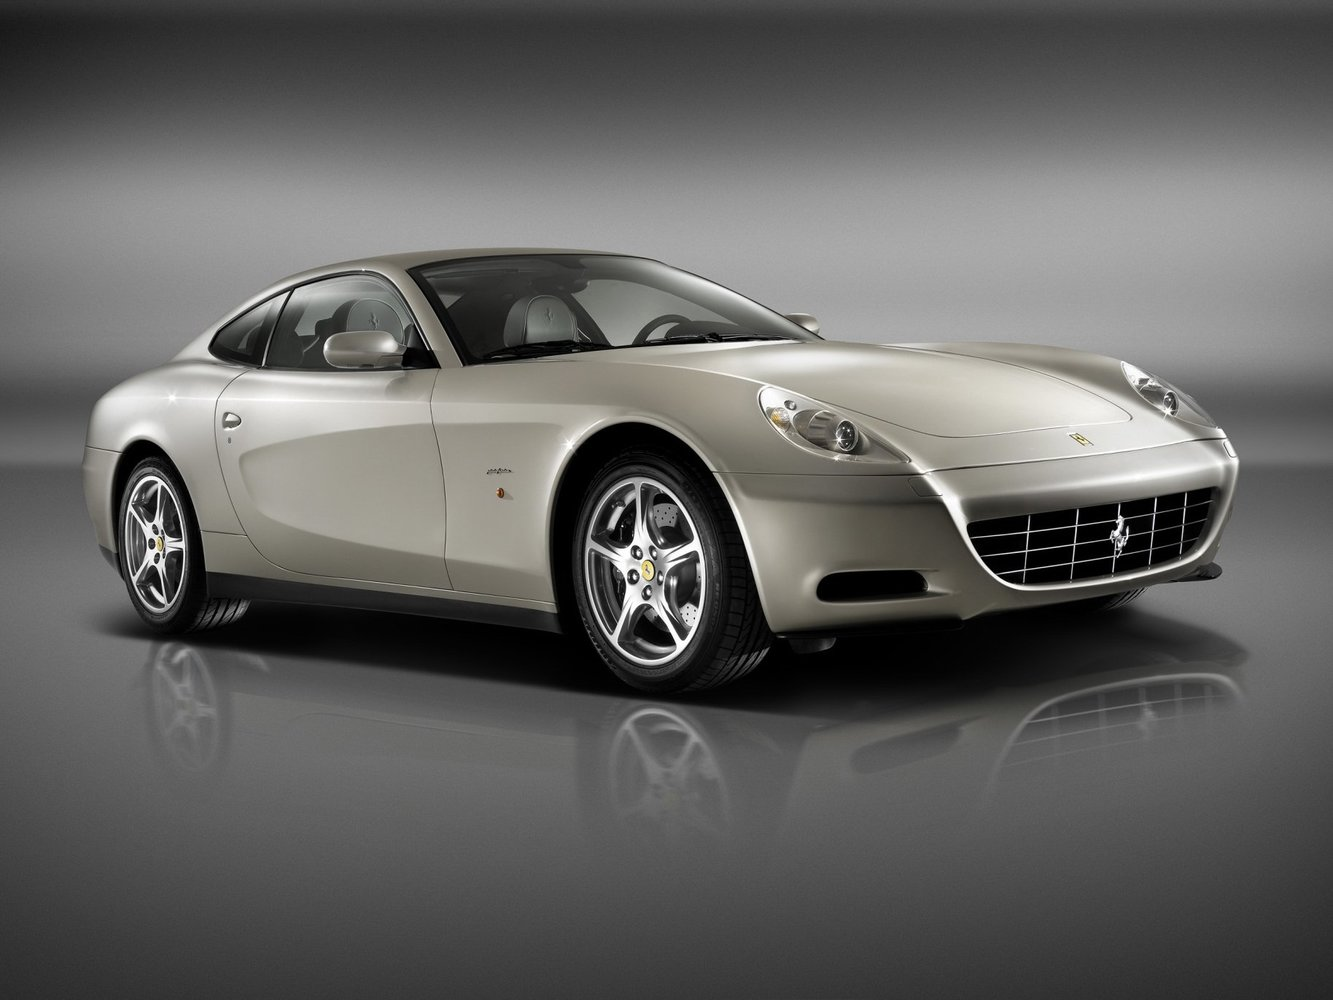 ferrari Ferrari 612